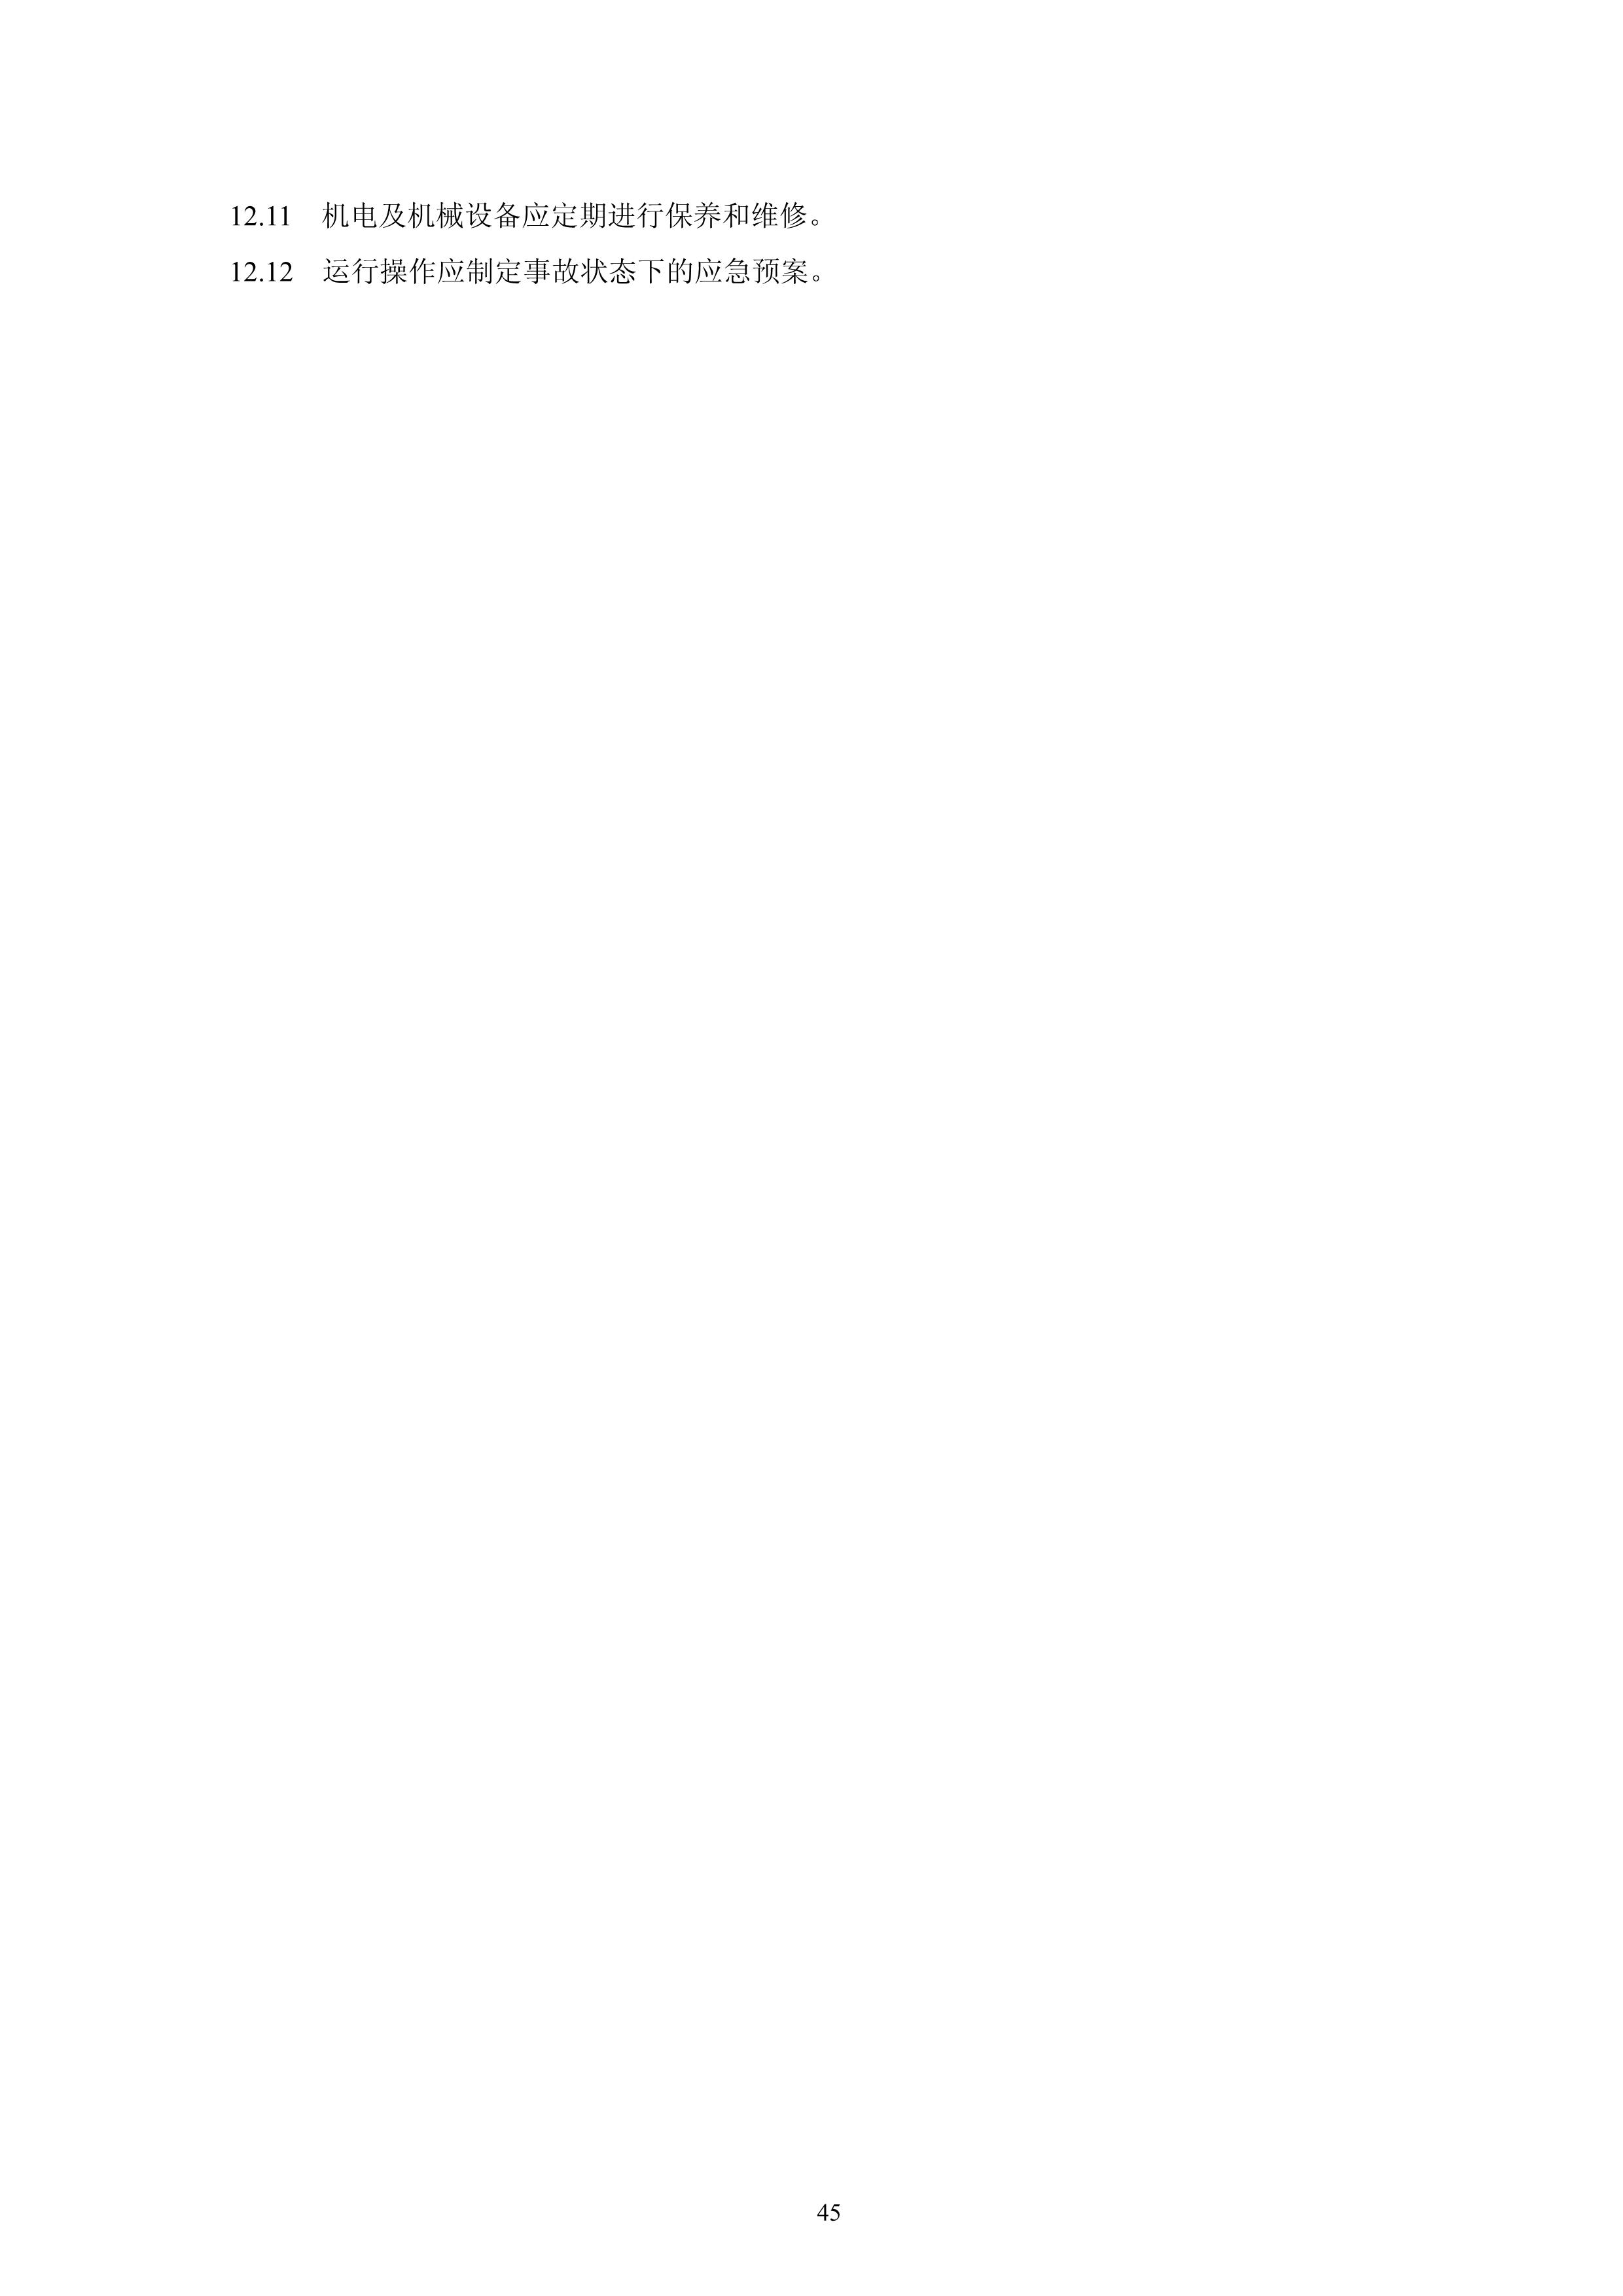 焦化廢水治理工程技術規范(HJ 2022-2012)